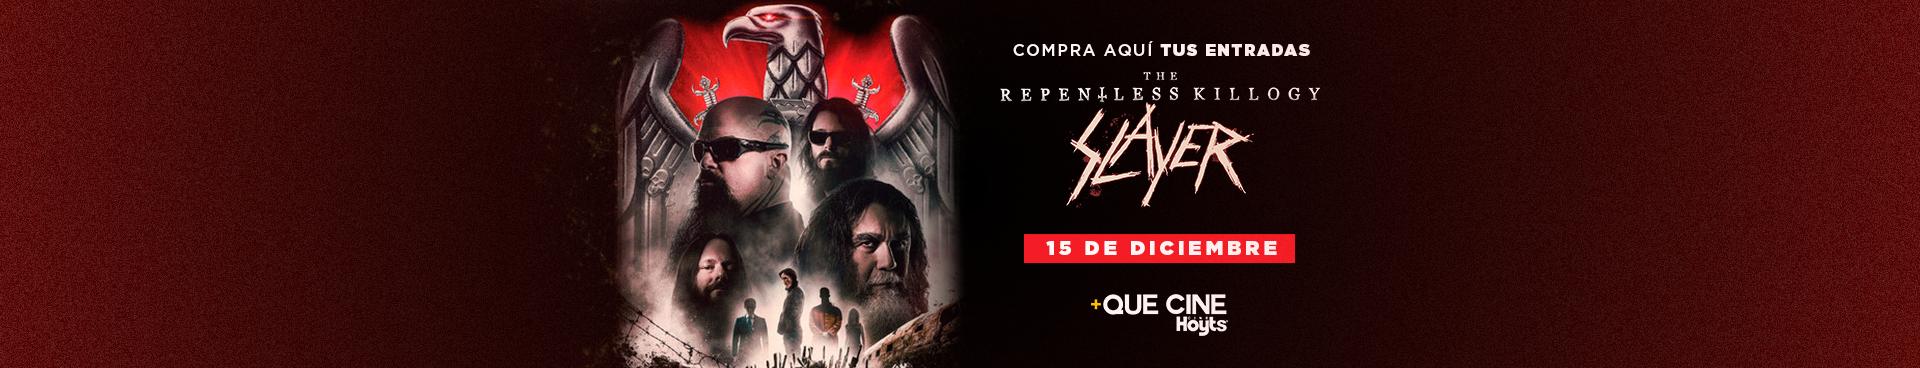 +QUE CINE: SLAYER: THE REPLENTLESS KILLOGY, 15 DE DICIEMBRE, COMPRA AQUÍ TUS ENTRADAS